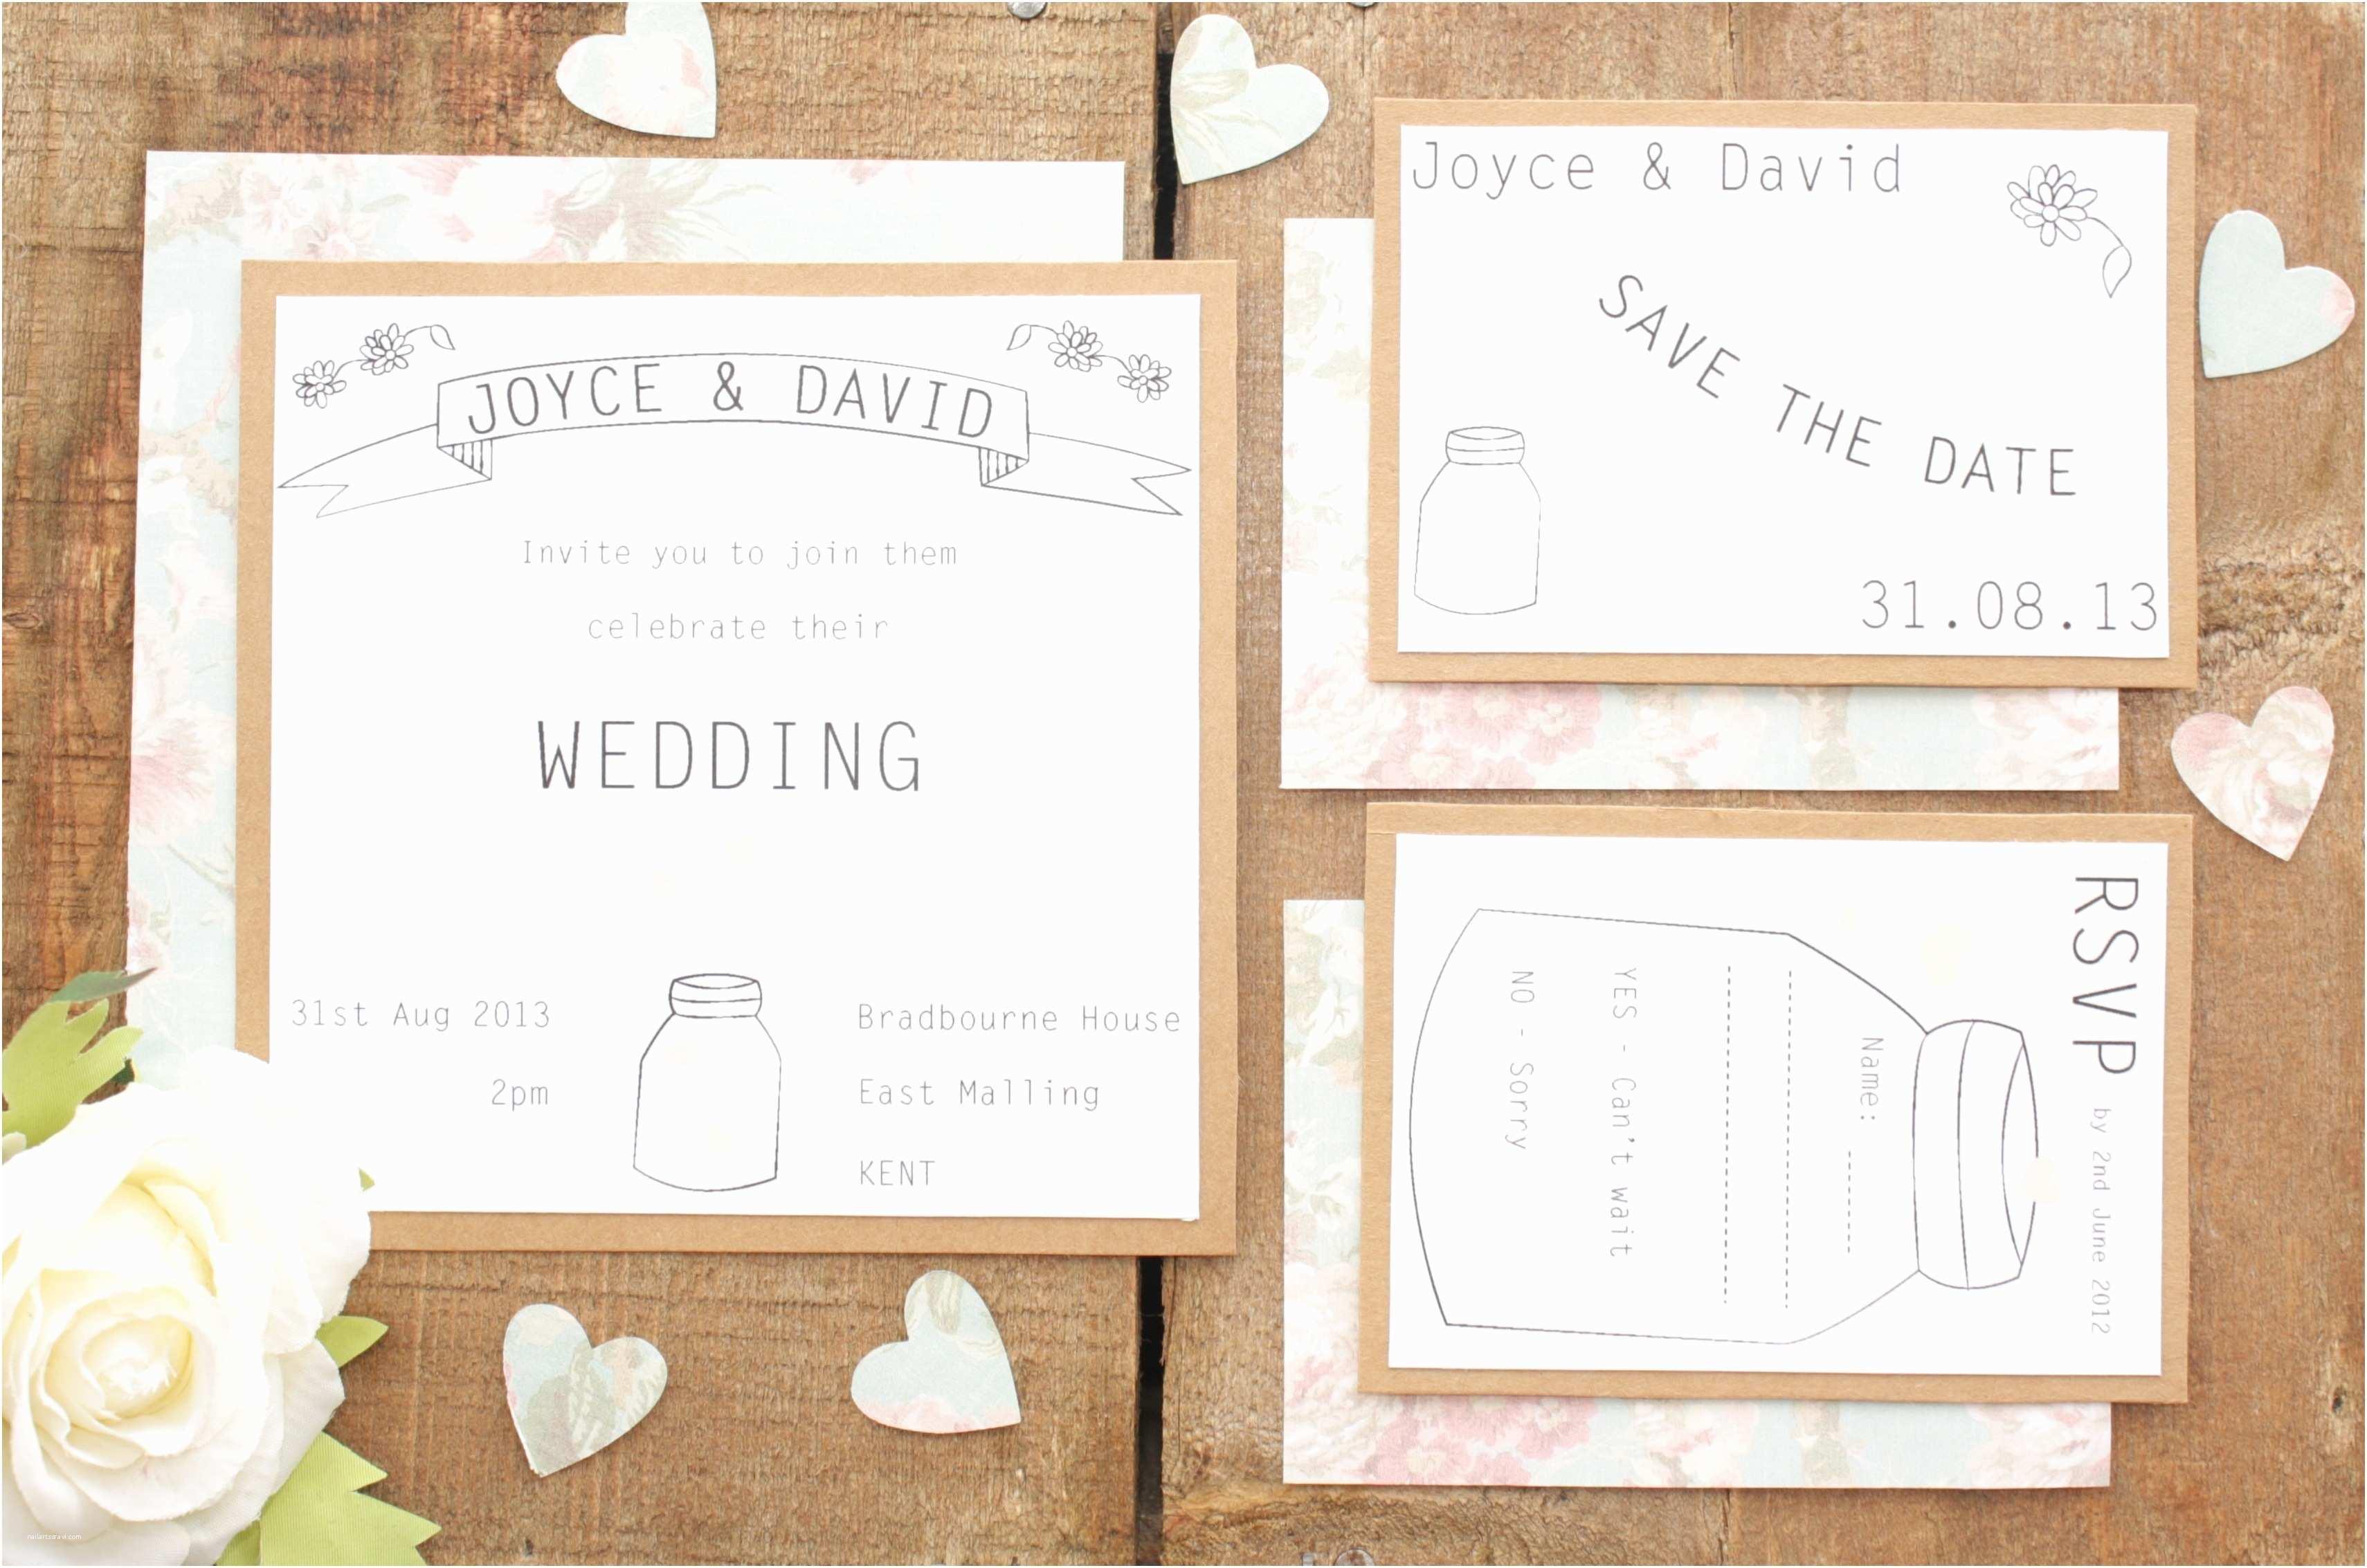 Wedding Invitation Pieces Vintage Wedding Invitation Sets Cobypic